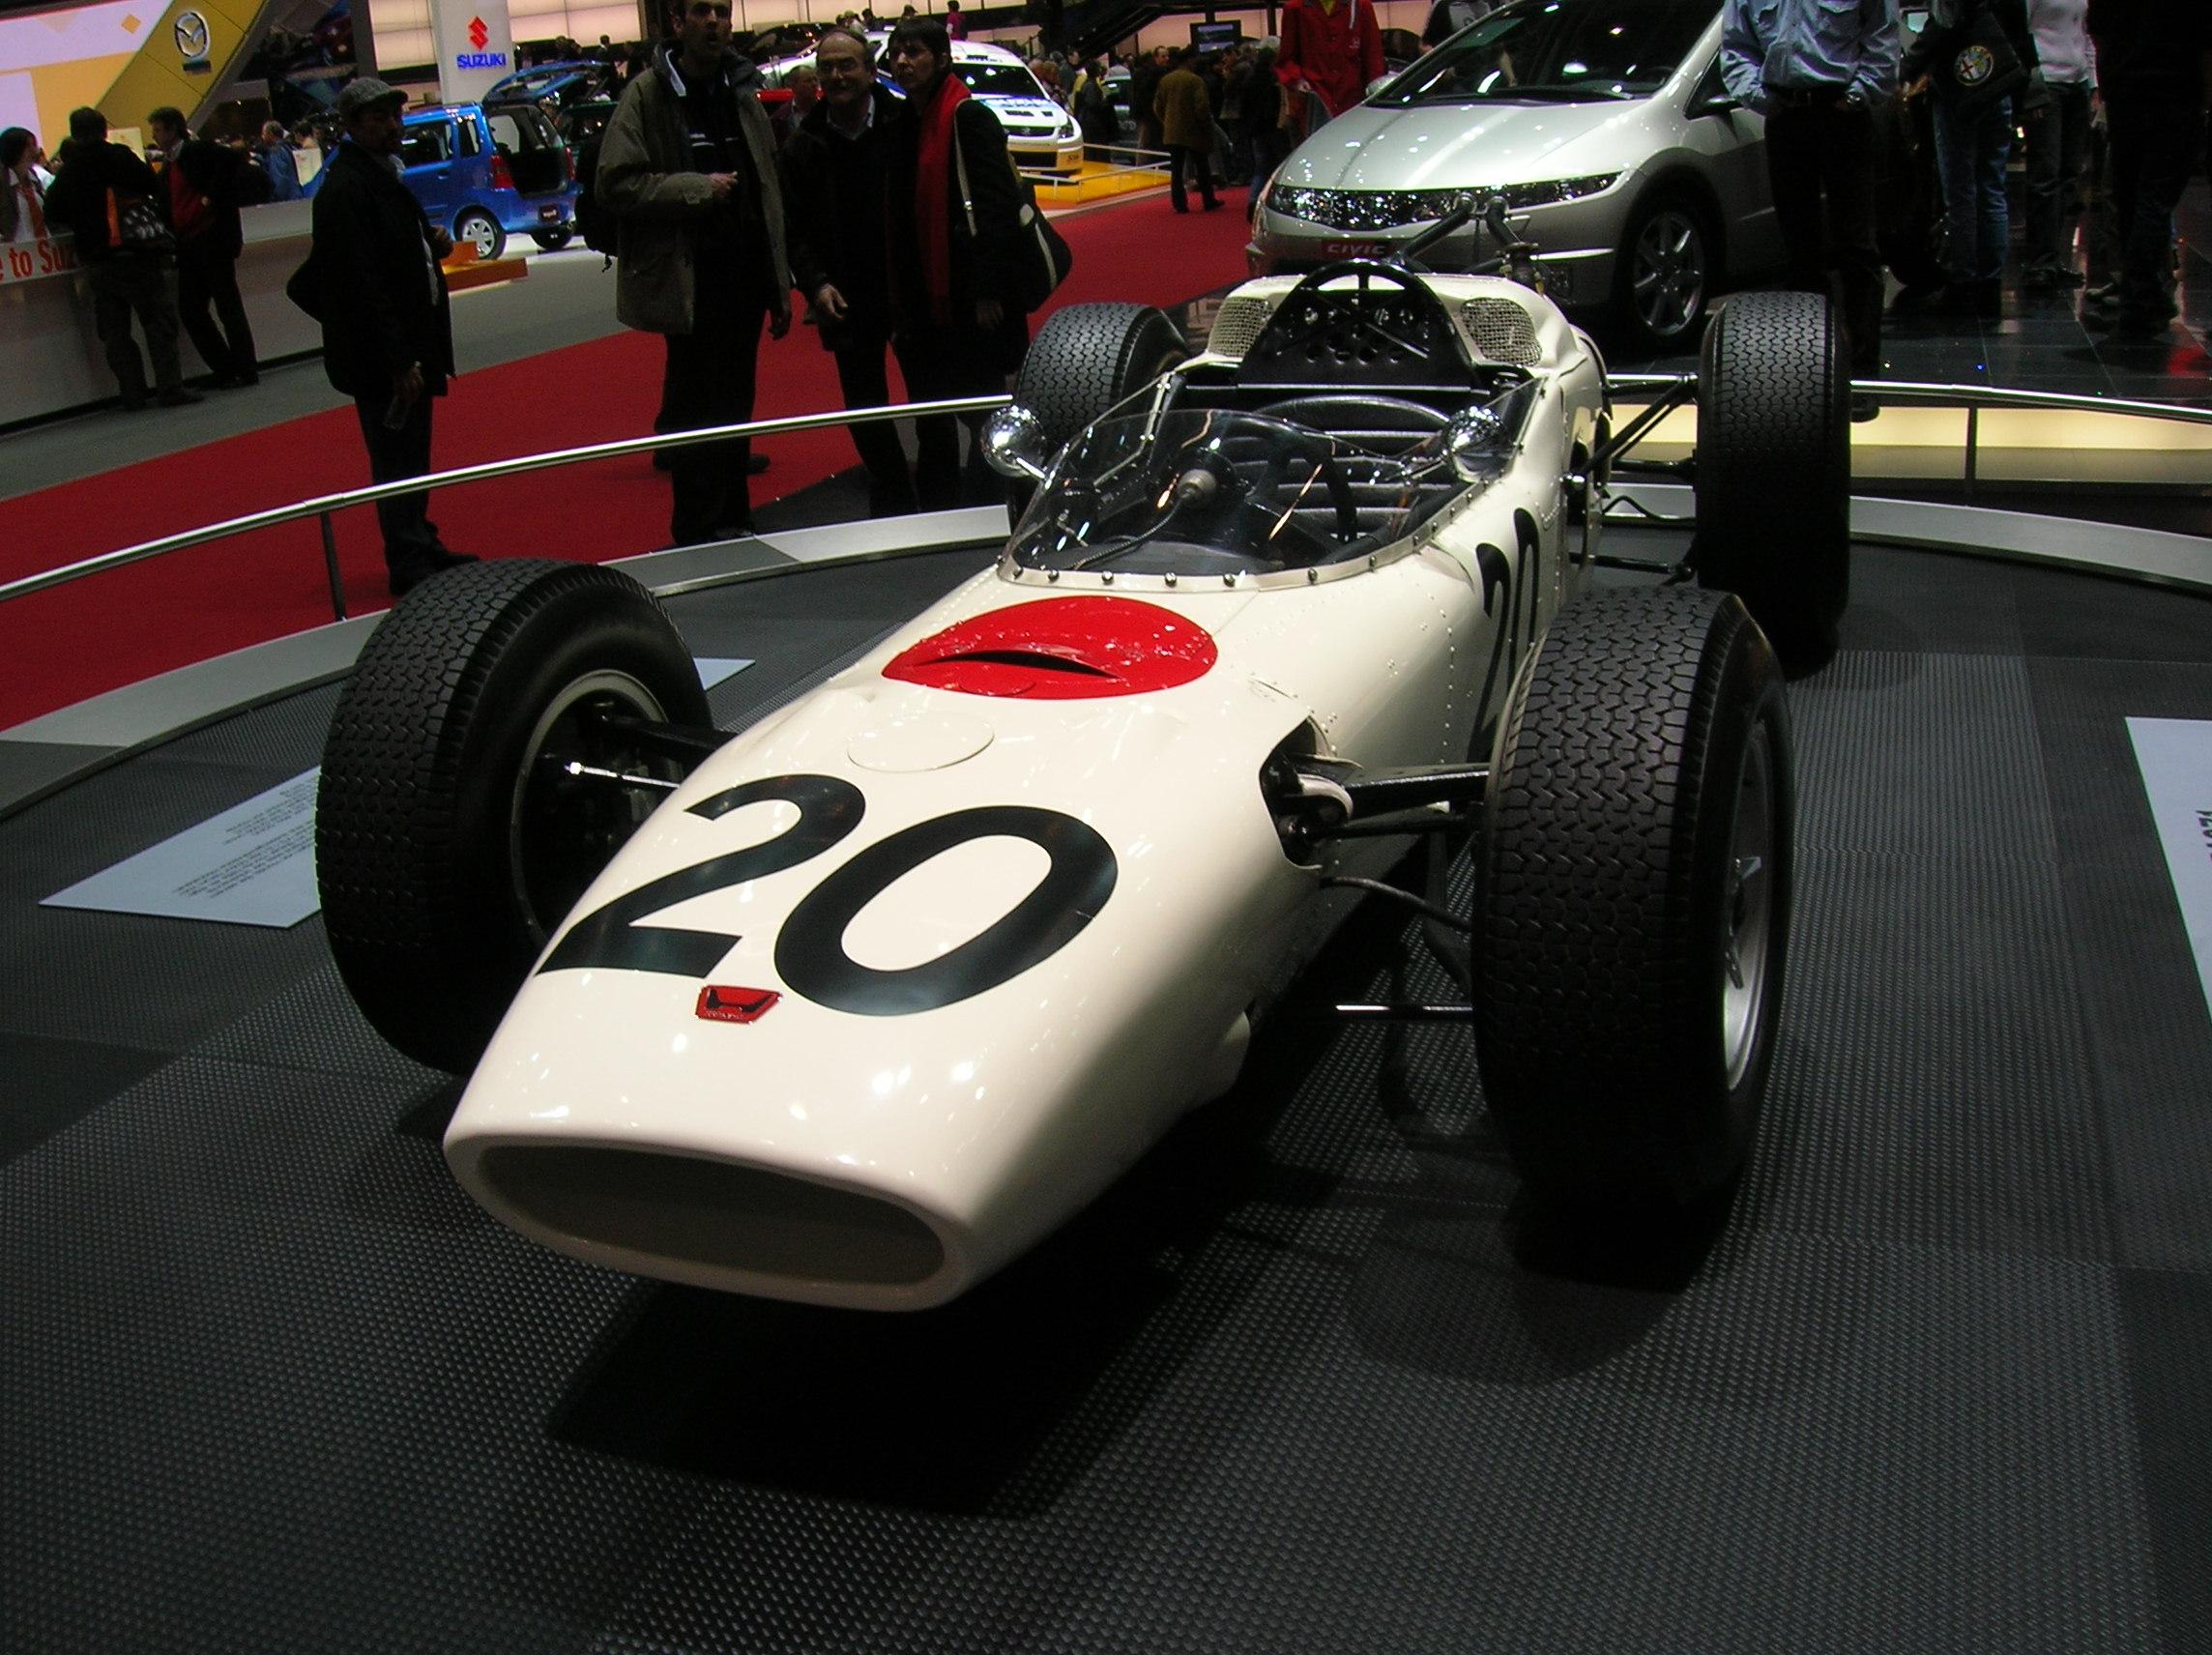 F1 Honda RA271 1964